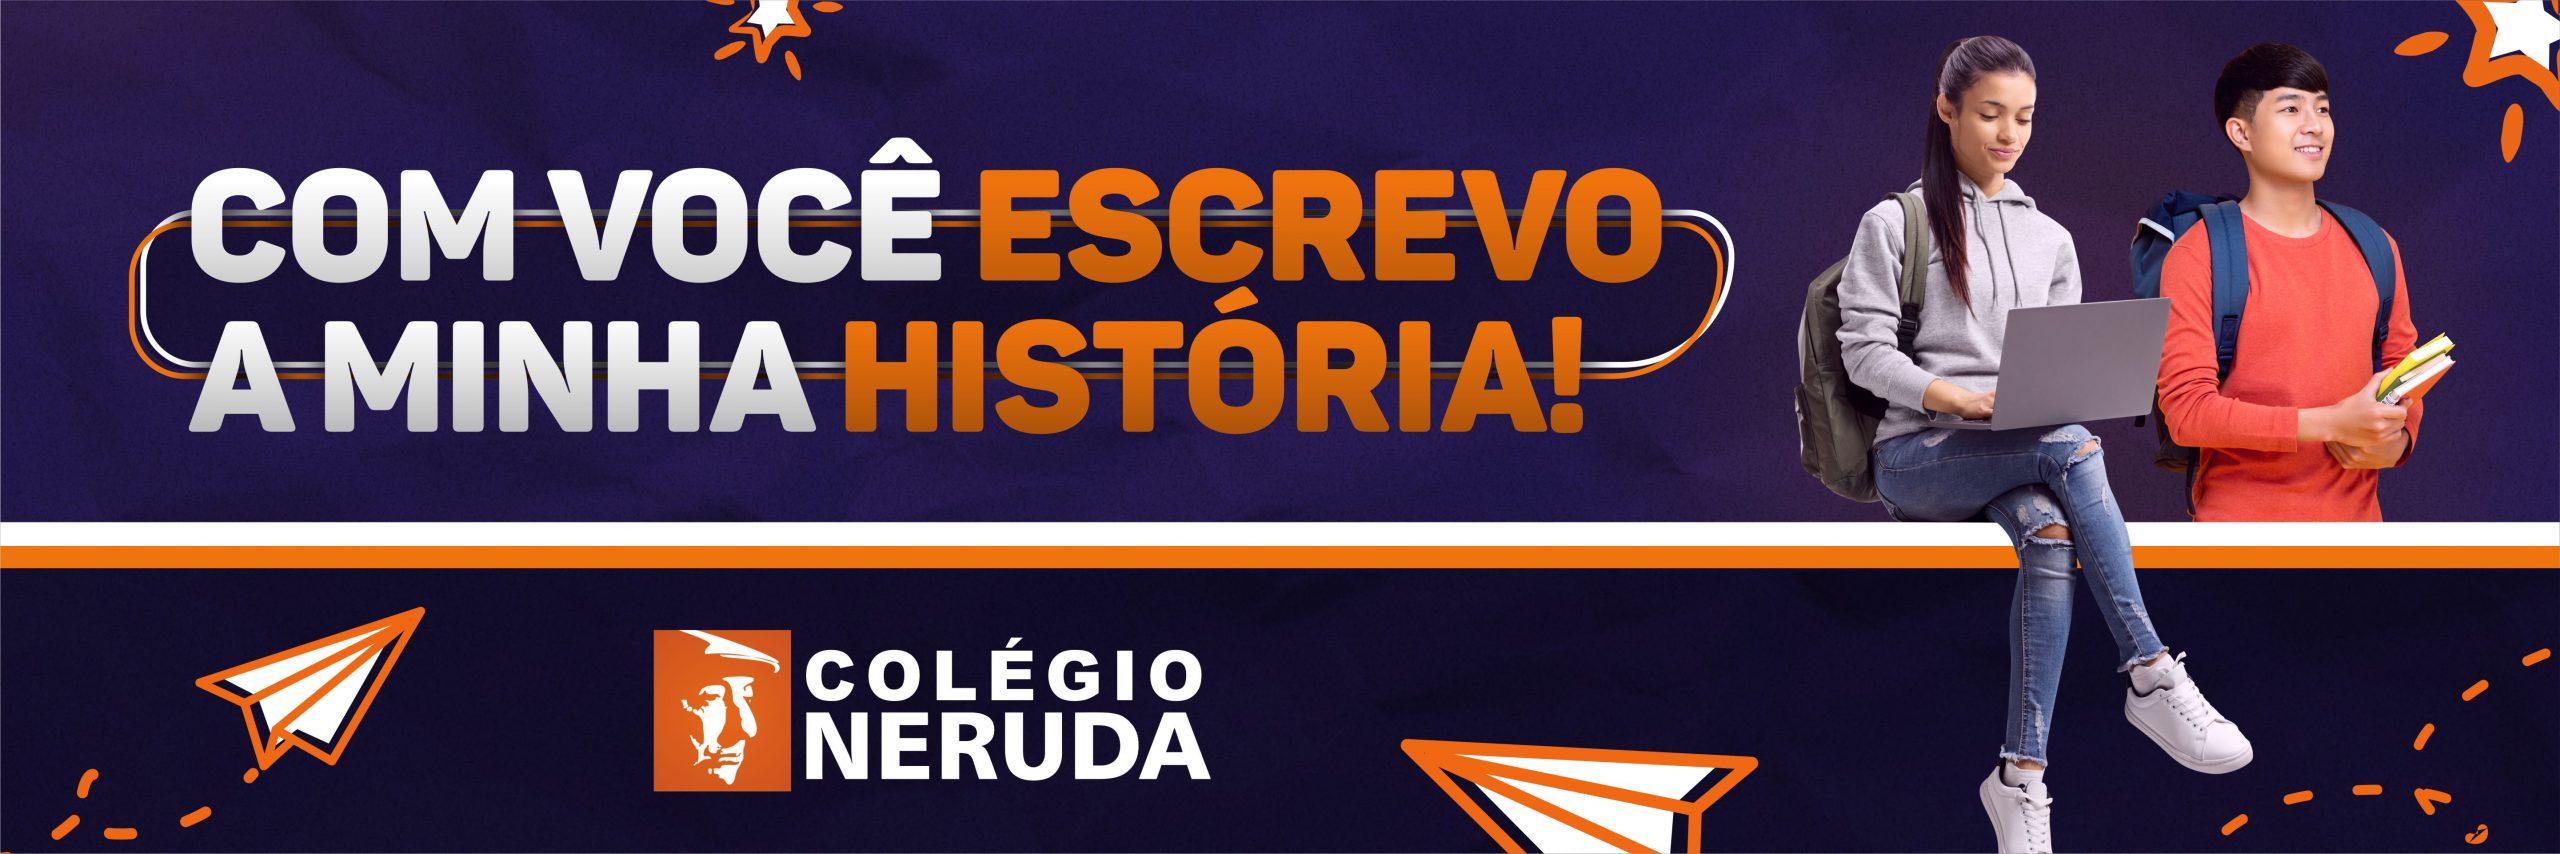 Colégio Neruda 1